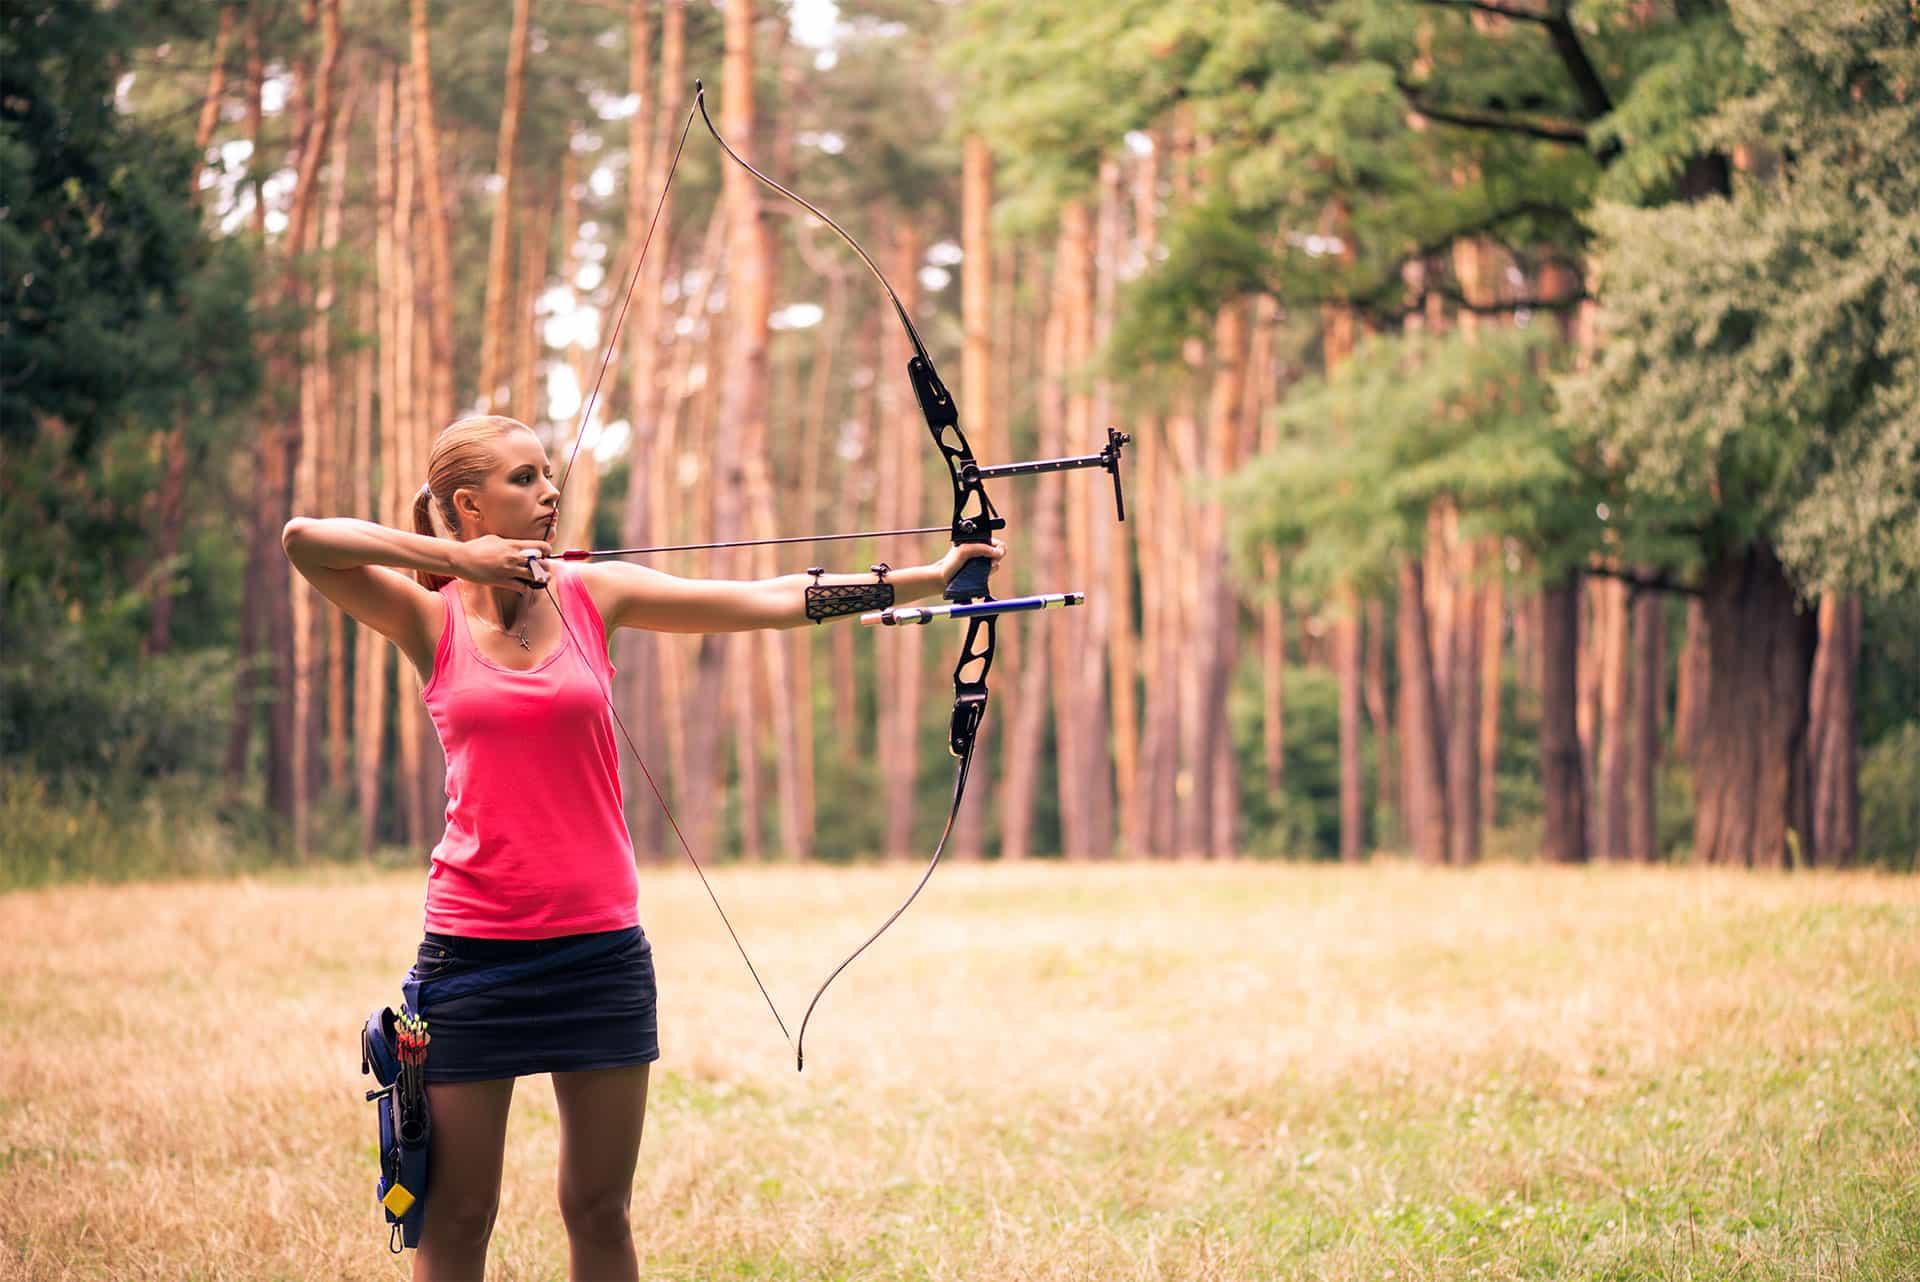 Kvinna i rosa kläder övar pilbågskytte i en skogsdunge